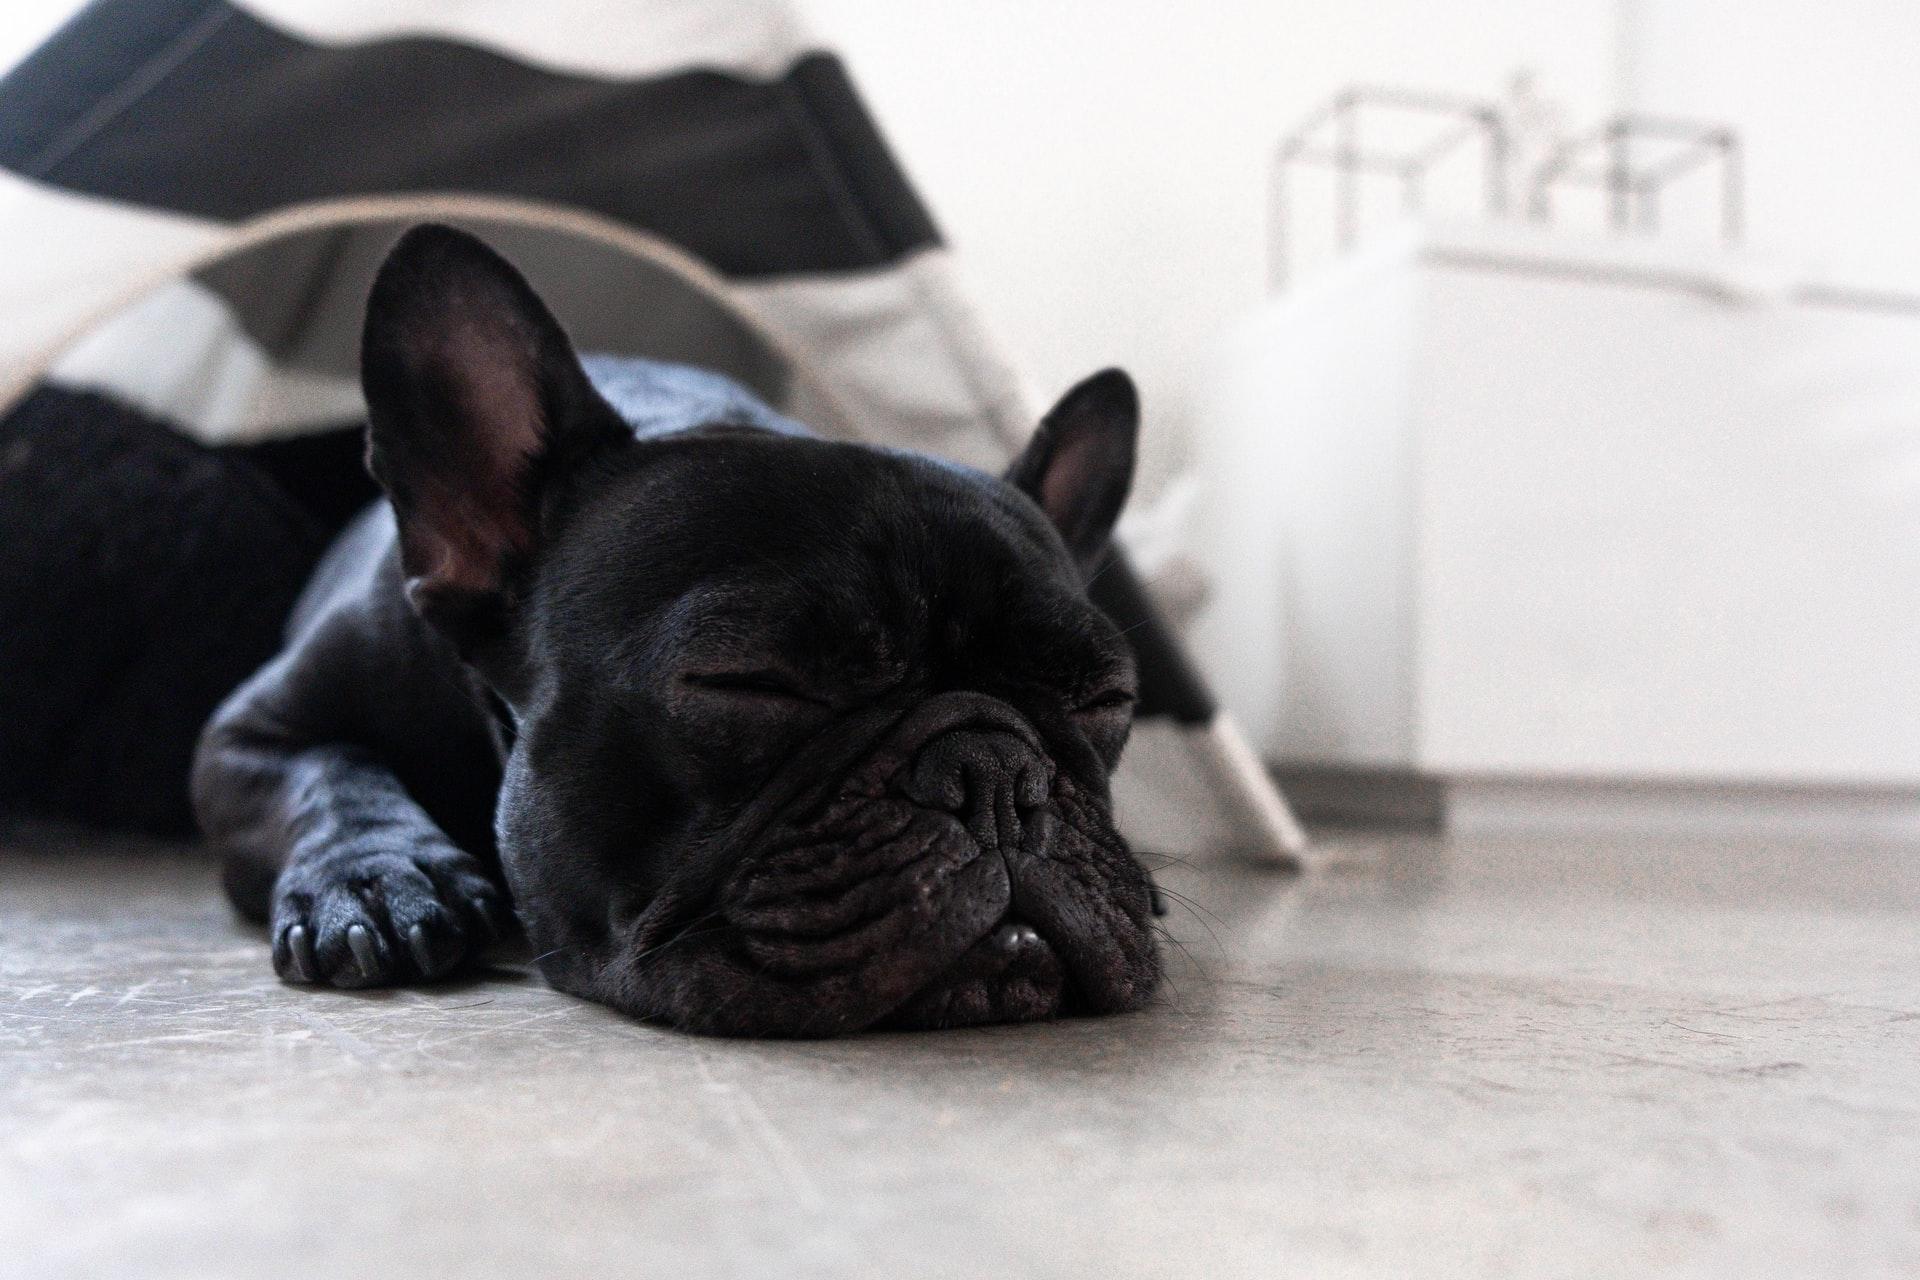 los perros sueñan